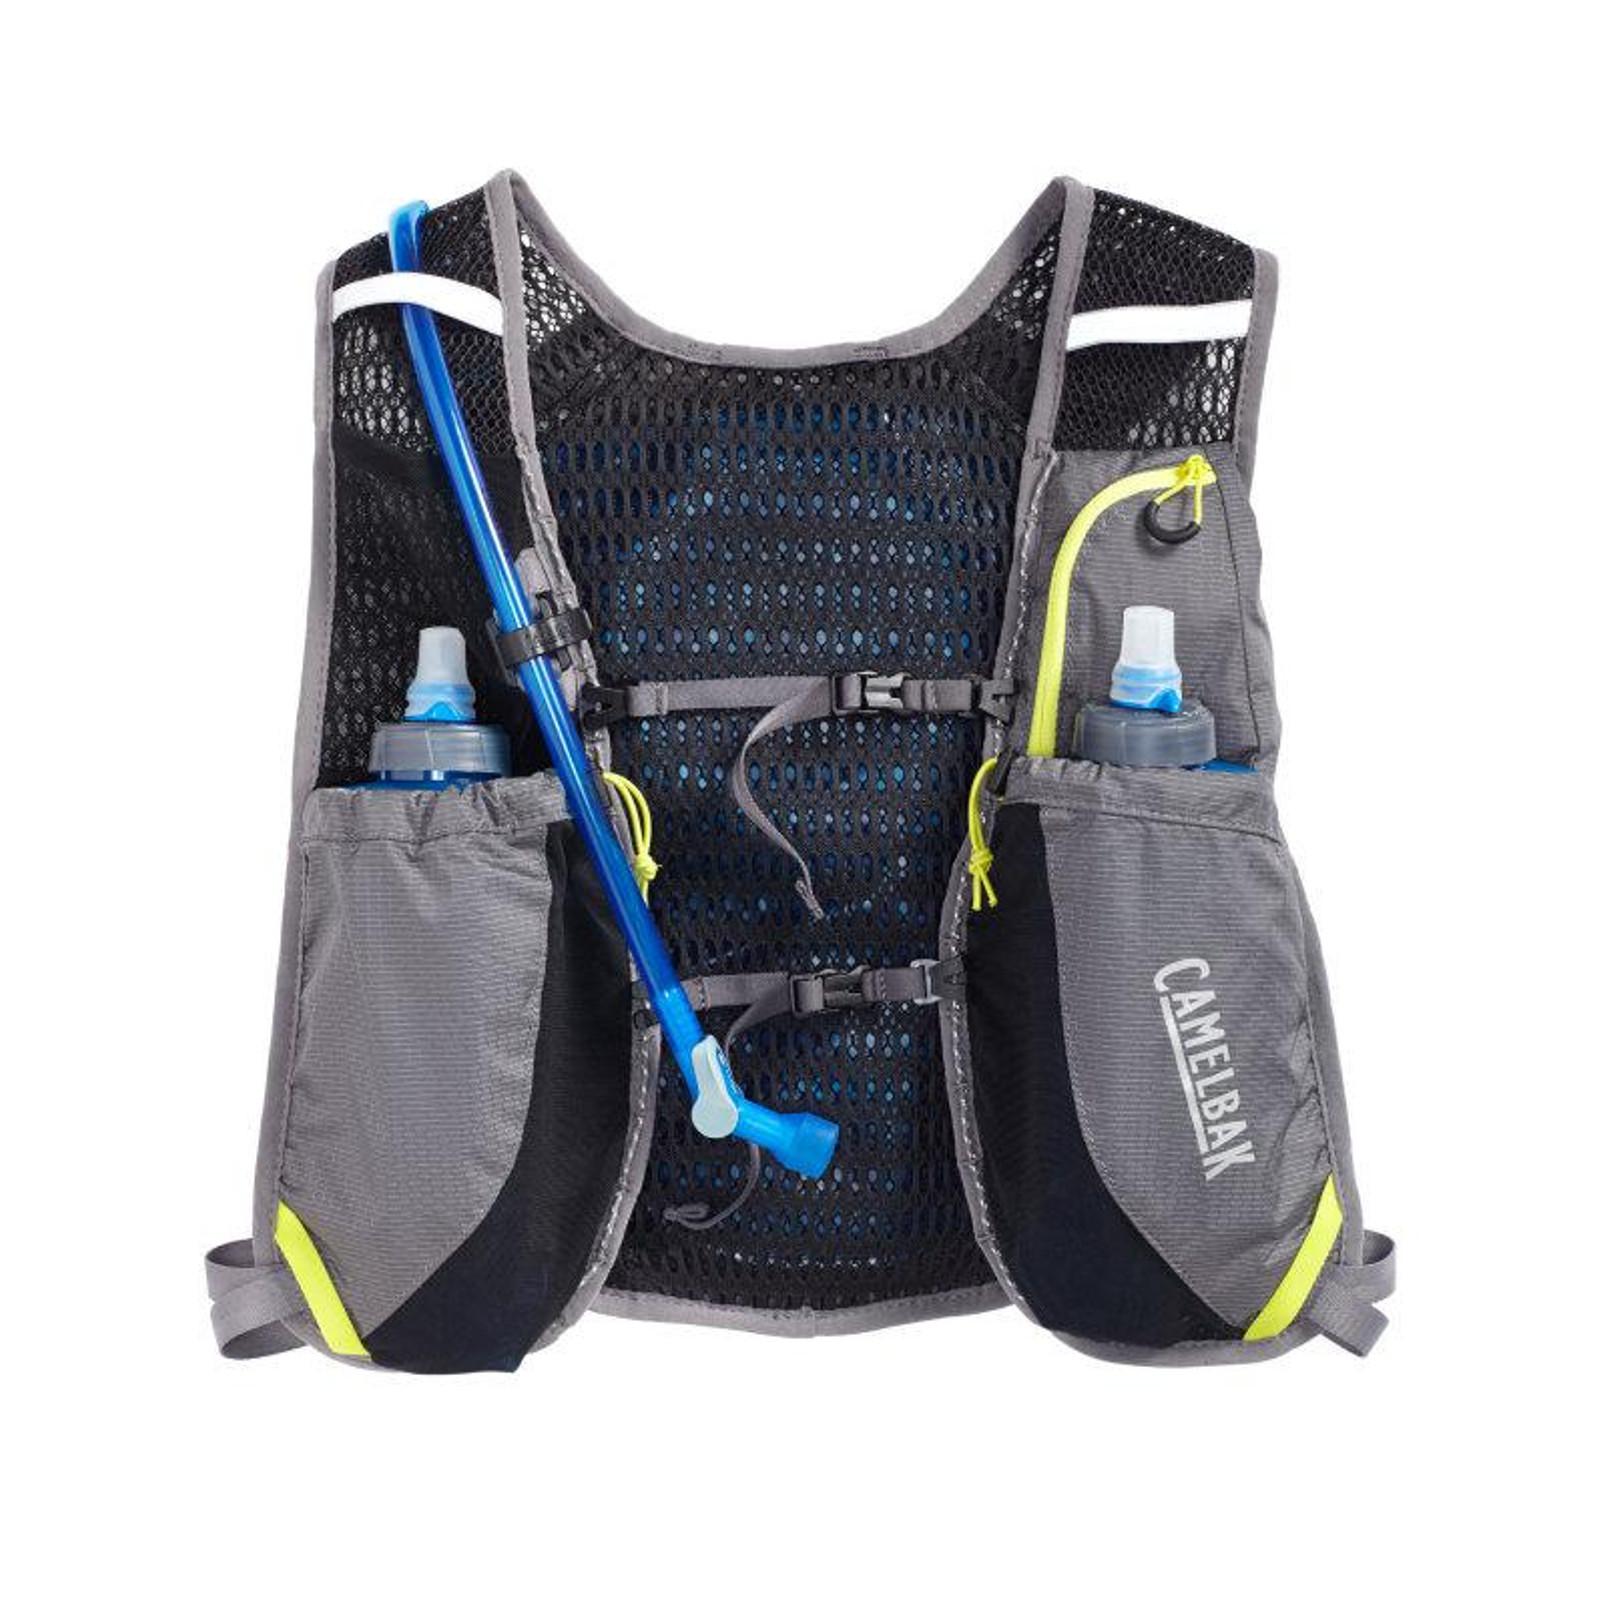 Camelbak Camelbak Camelbak Circuit Running Vest with 1.5L Reservoir Bladder 960f9e